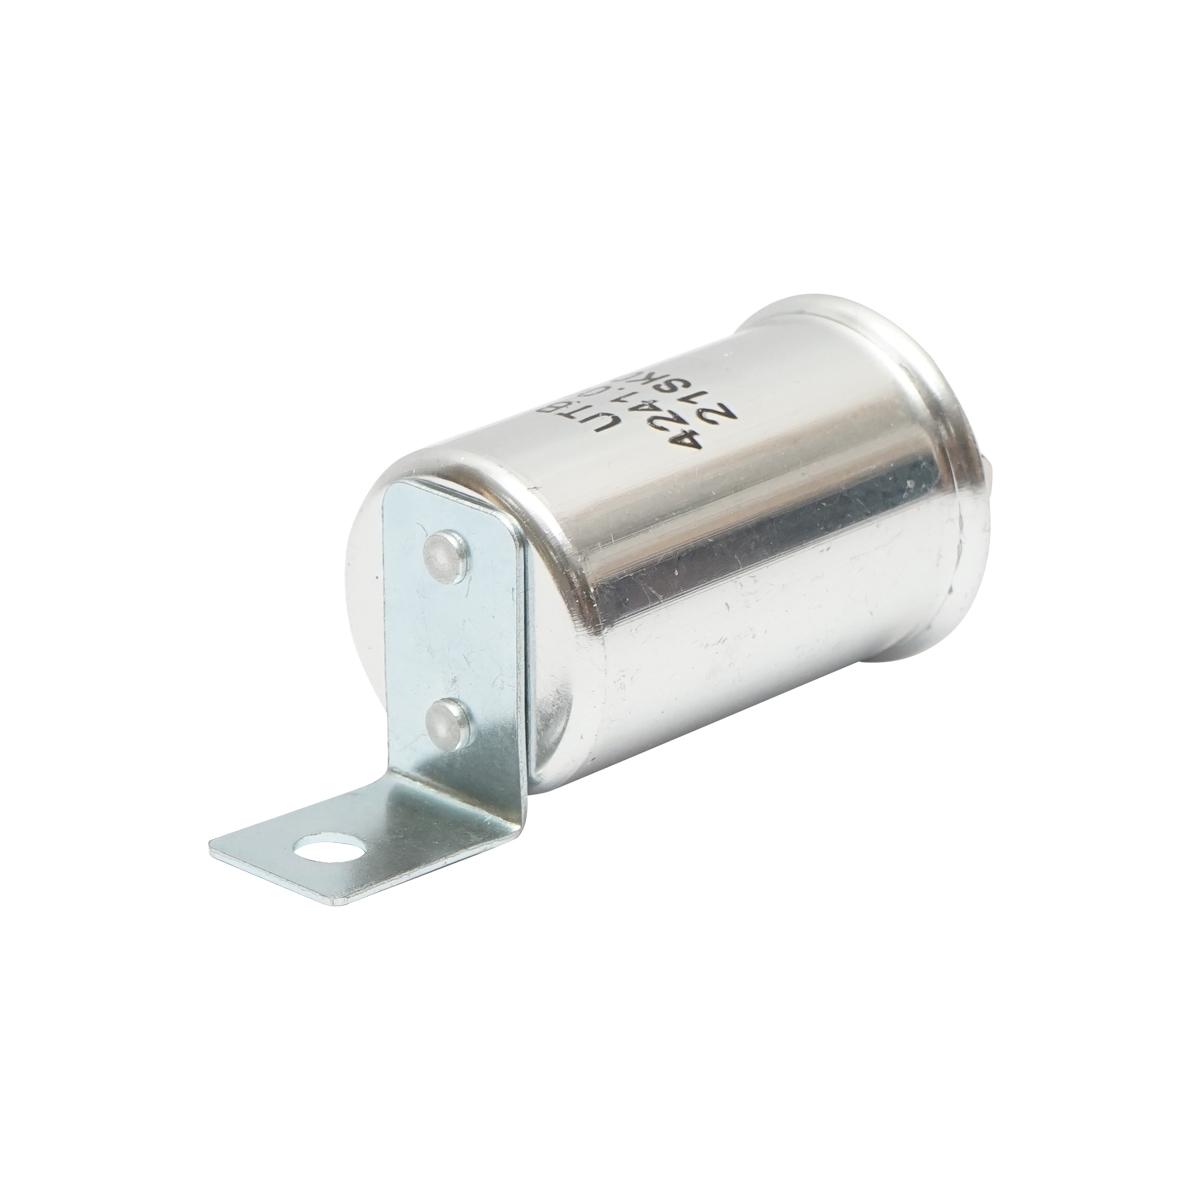 Releu semnalizare electronic 12V cu 4 pini 4241